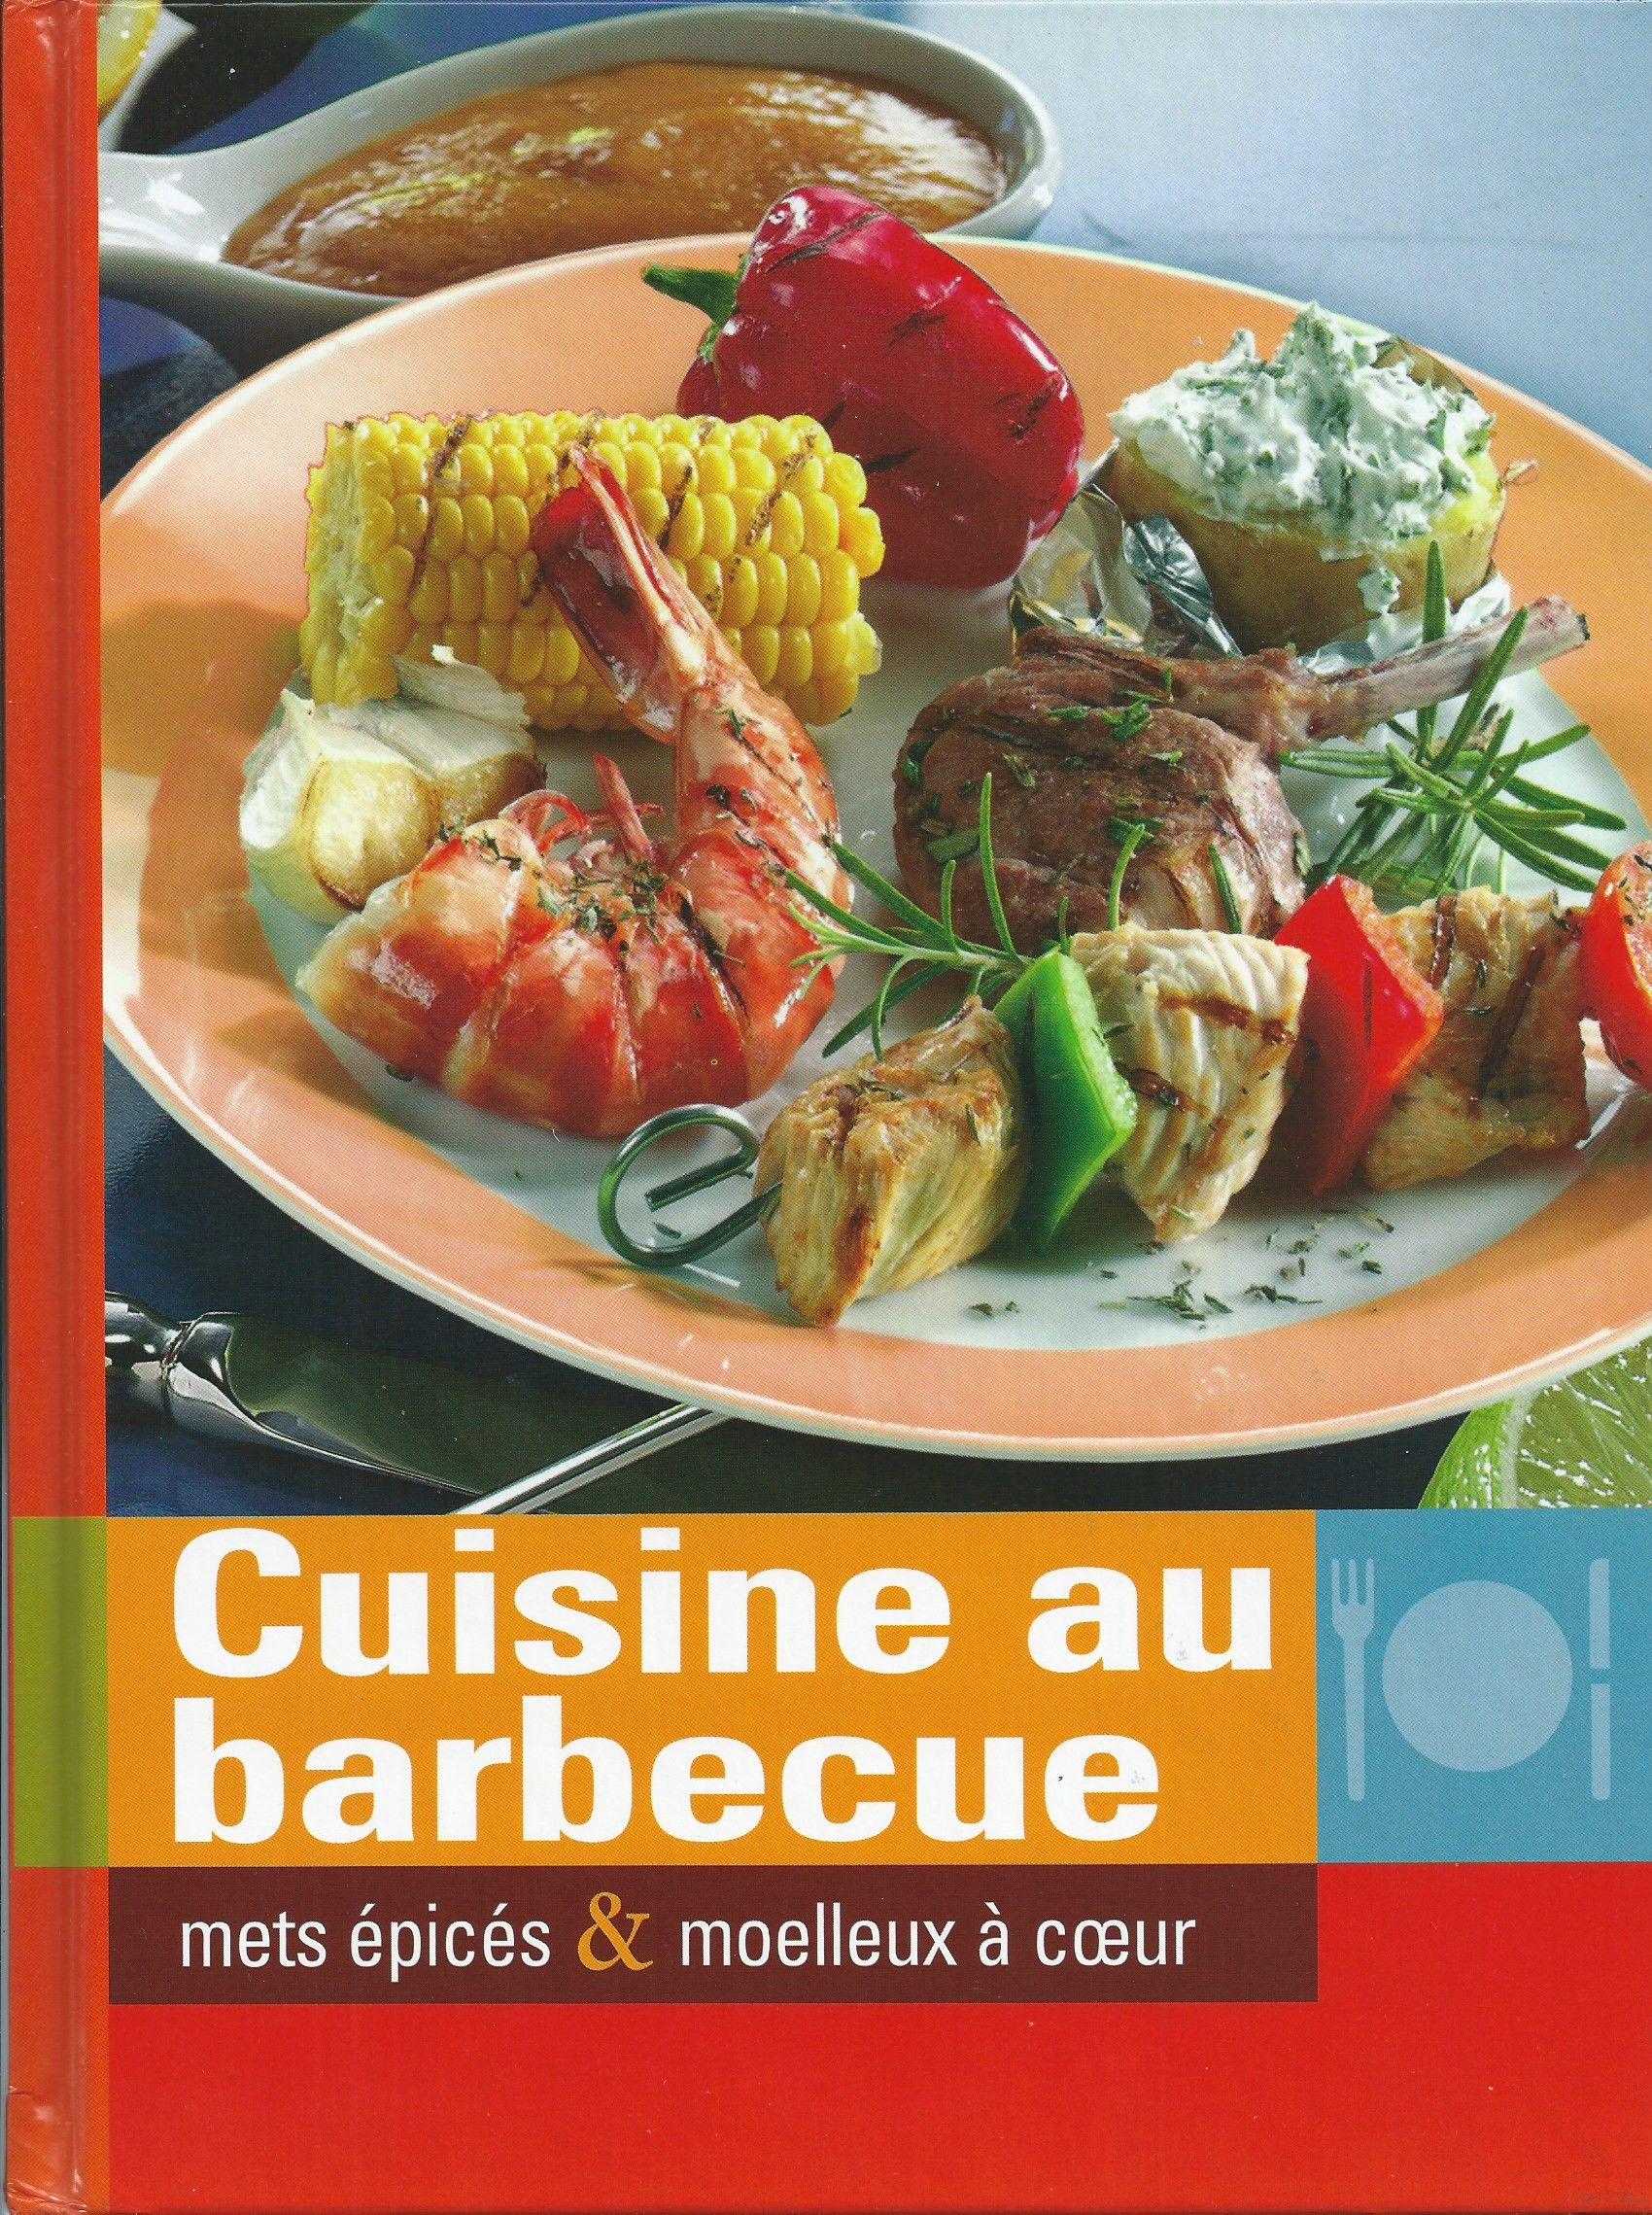 1 livre de cuisine , la cuisine au barbecue de Naumann 8 Tours (37)